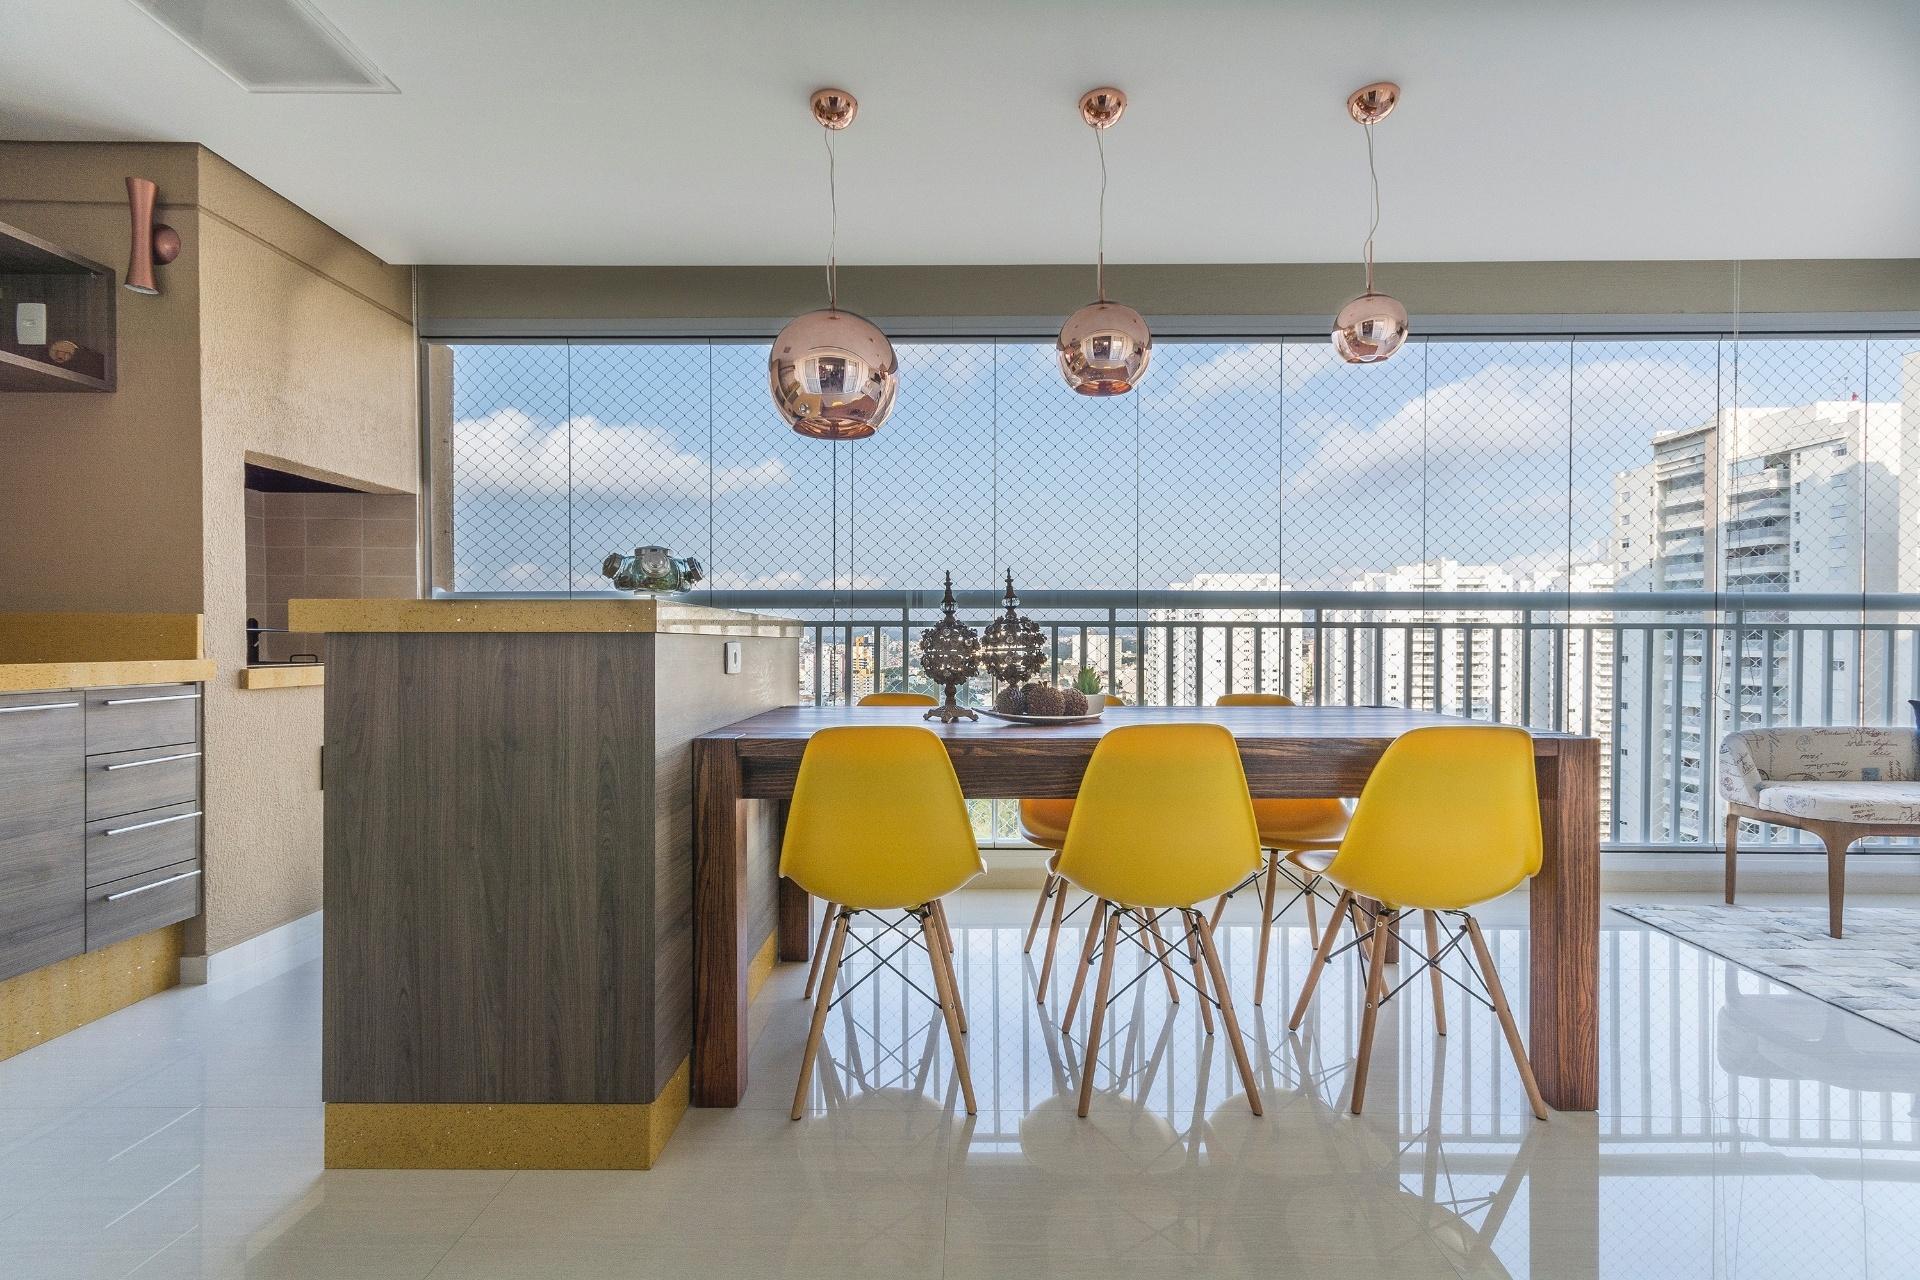 Como esta varanda tem dimensões generosas, a designer de interiores Silvana Borzi empregou uma ampla bancada junto à área da churrasqueira, com mesa de jantar integrada. As cadeiras criadas por Charles e Ray Eames em amarelo e os pendentes de cobre se destacam na decoração neutra